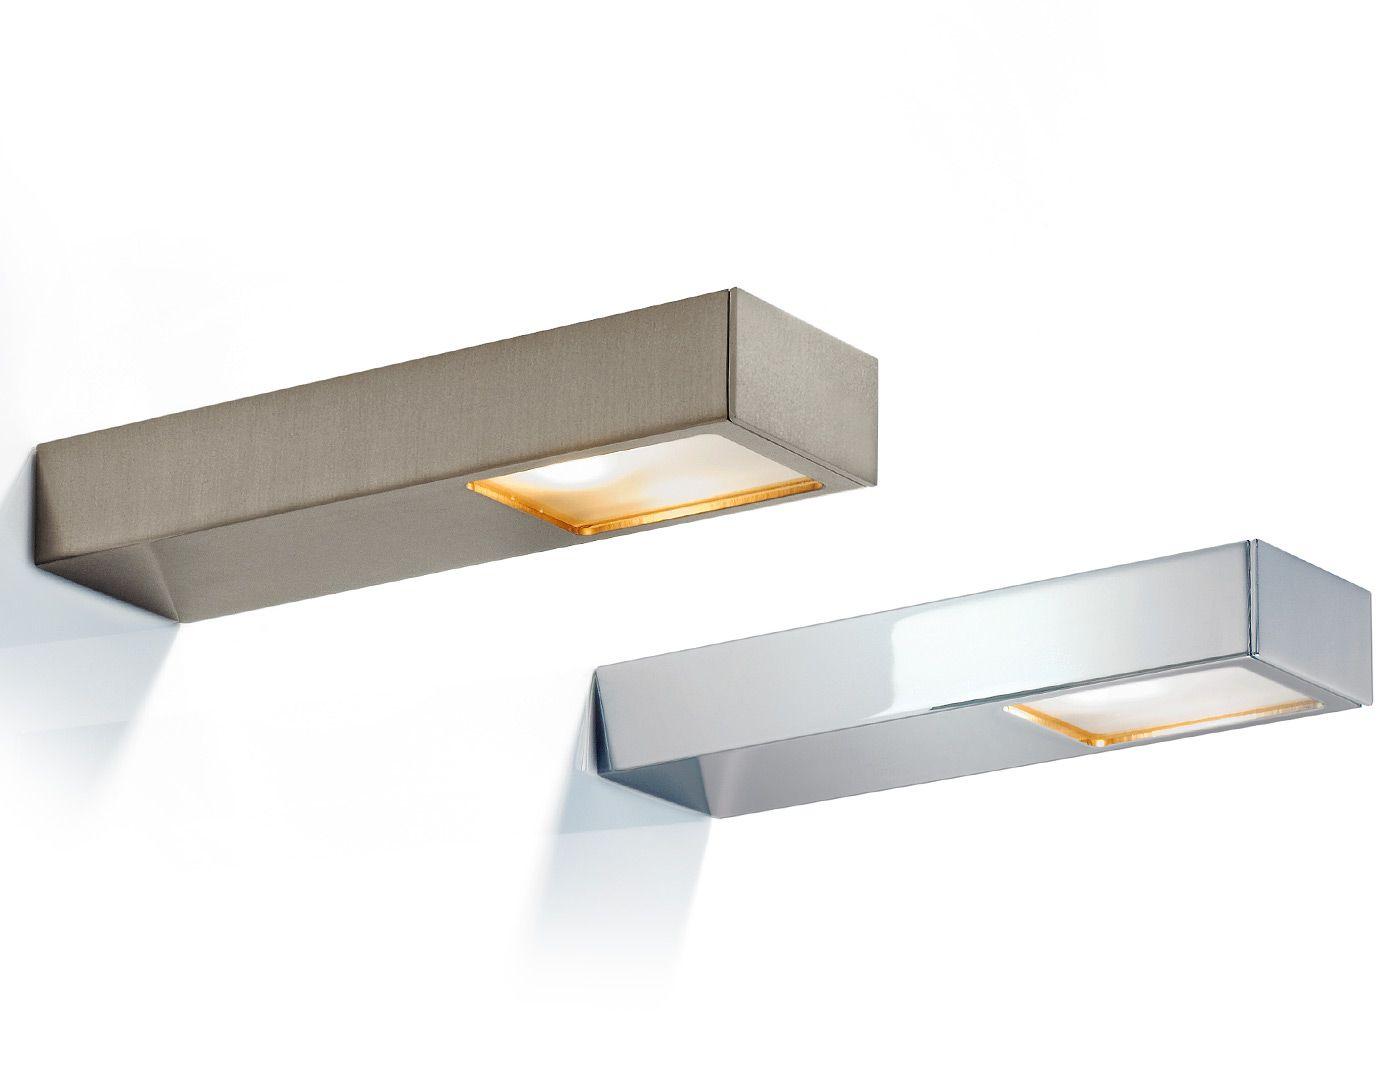 Wandleuchte Badezimmer ~ Wandlampe badezimmer bad leuchte lampe wandspot deckenlampe spot